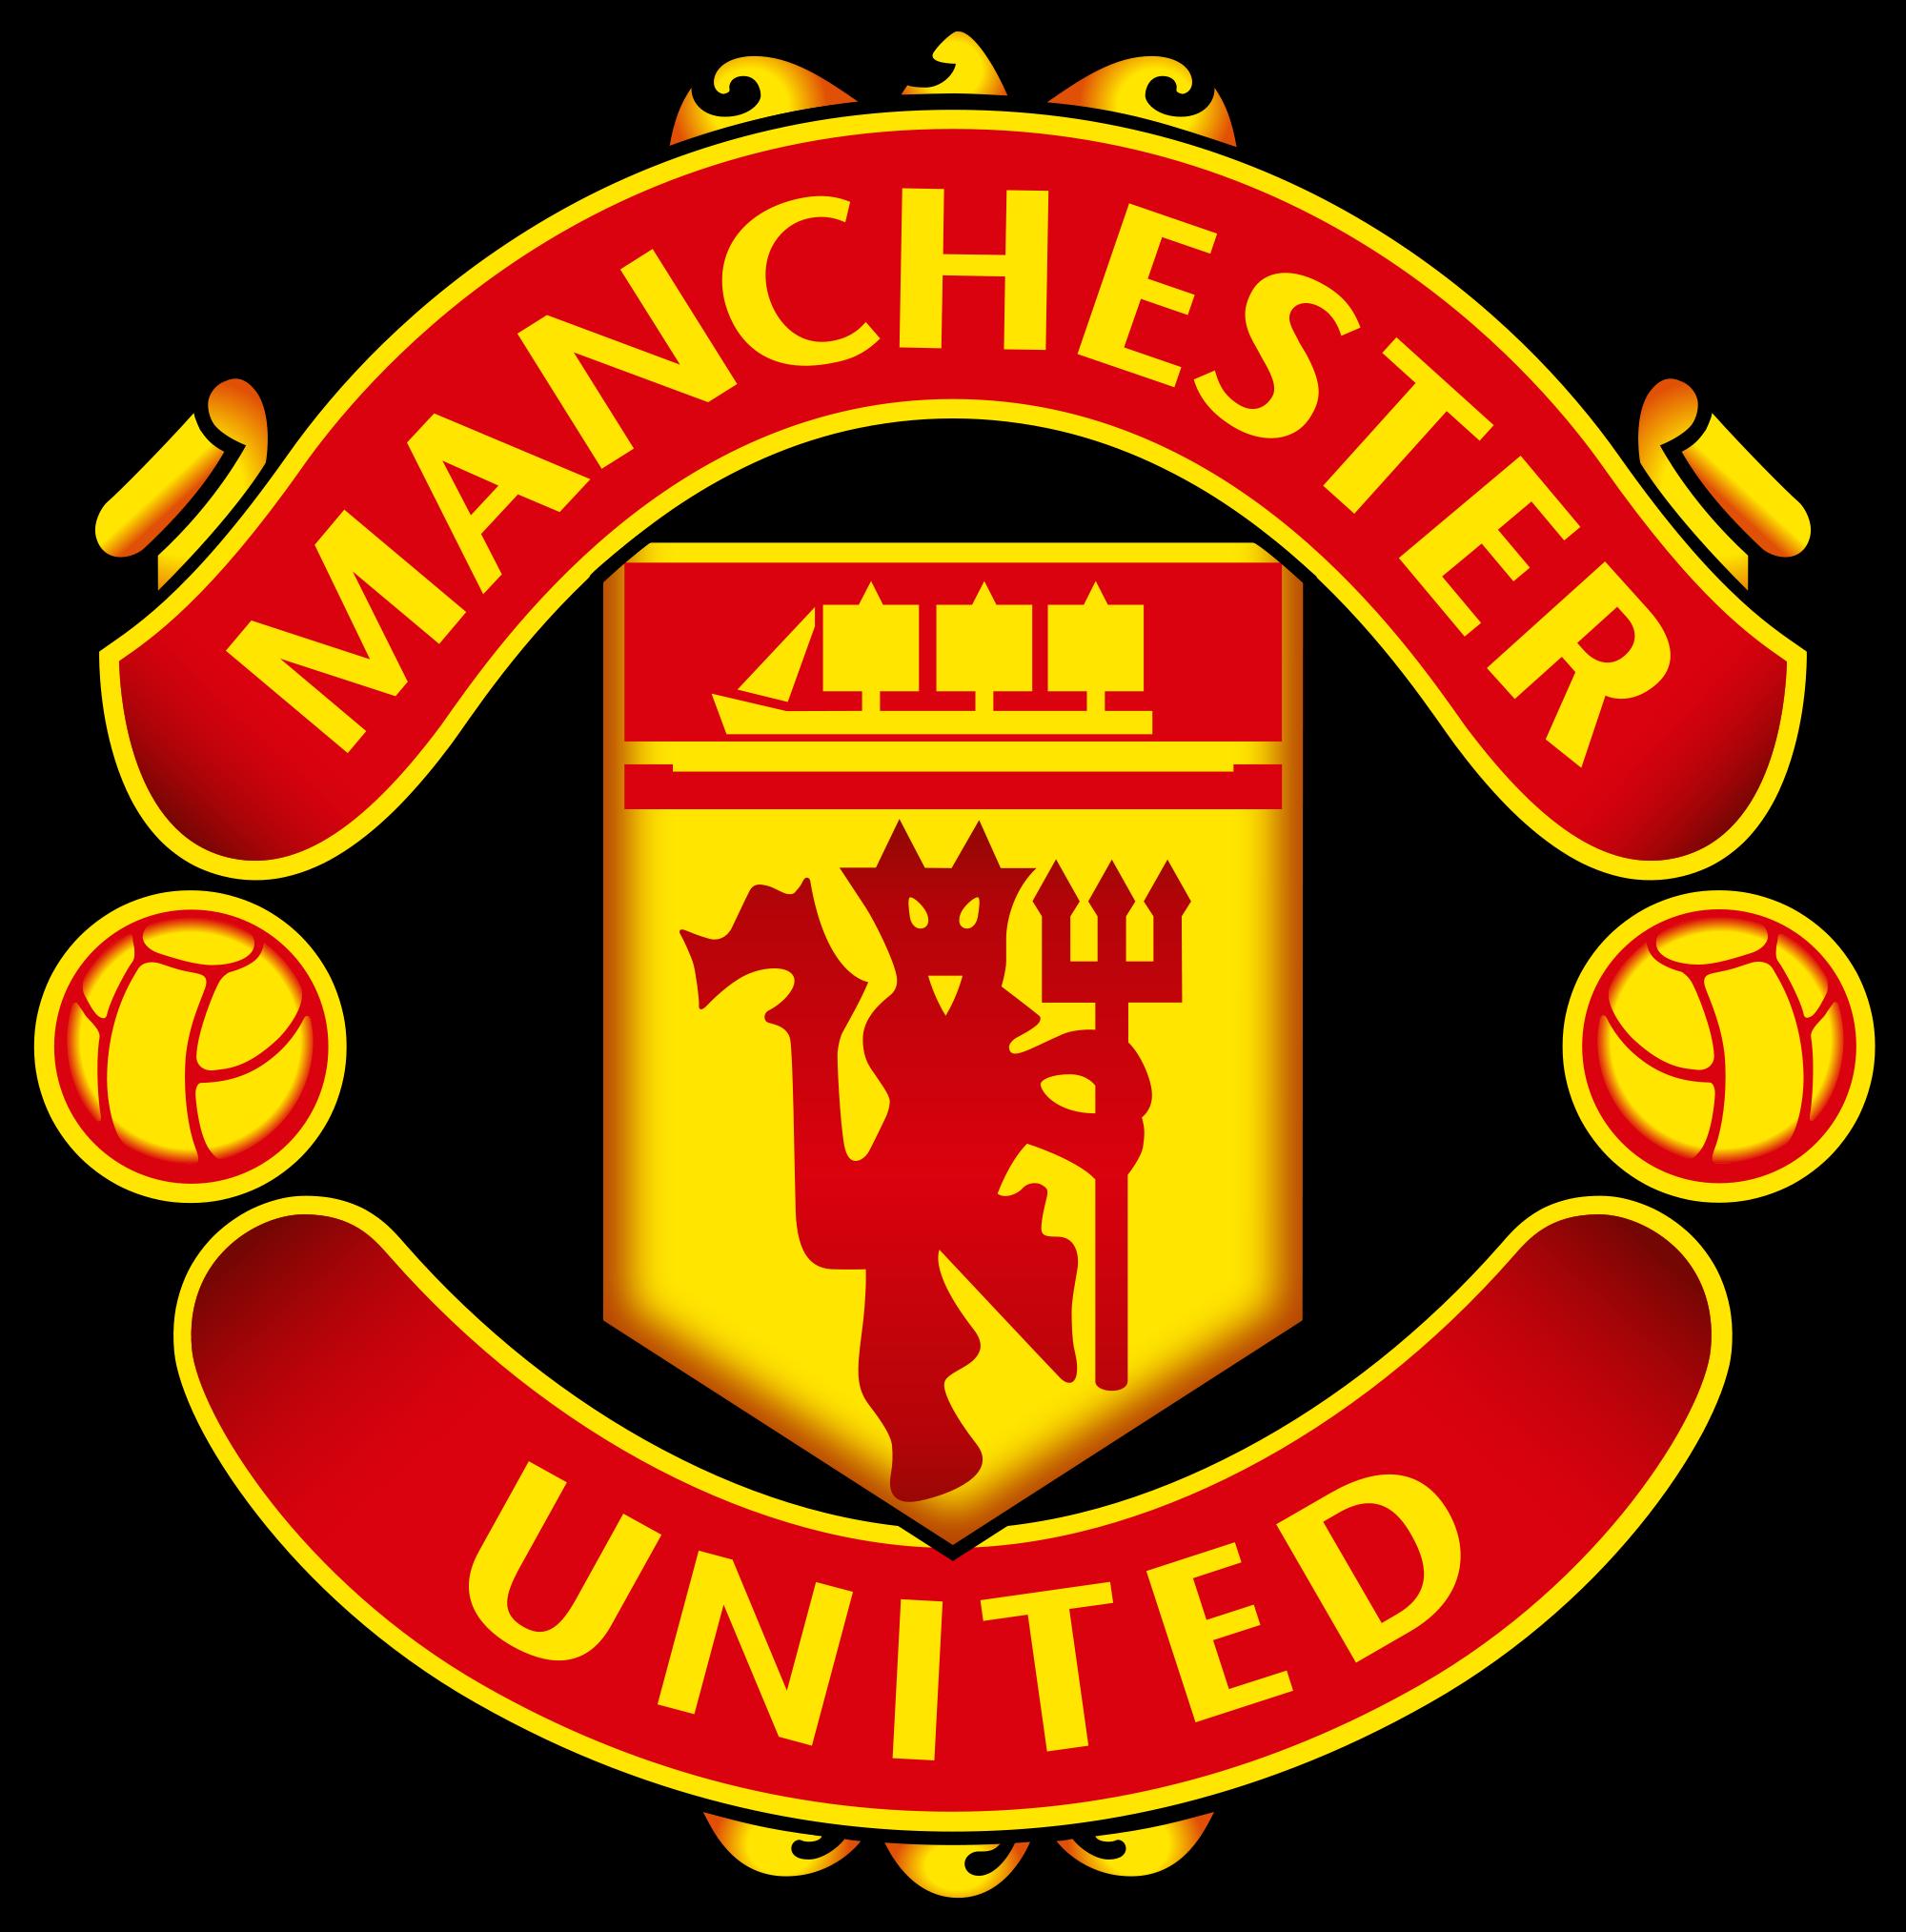 2000x2027 Manchester United Logo Football Club